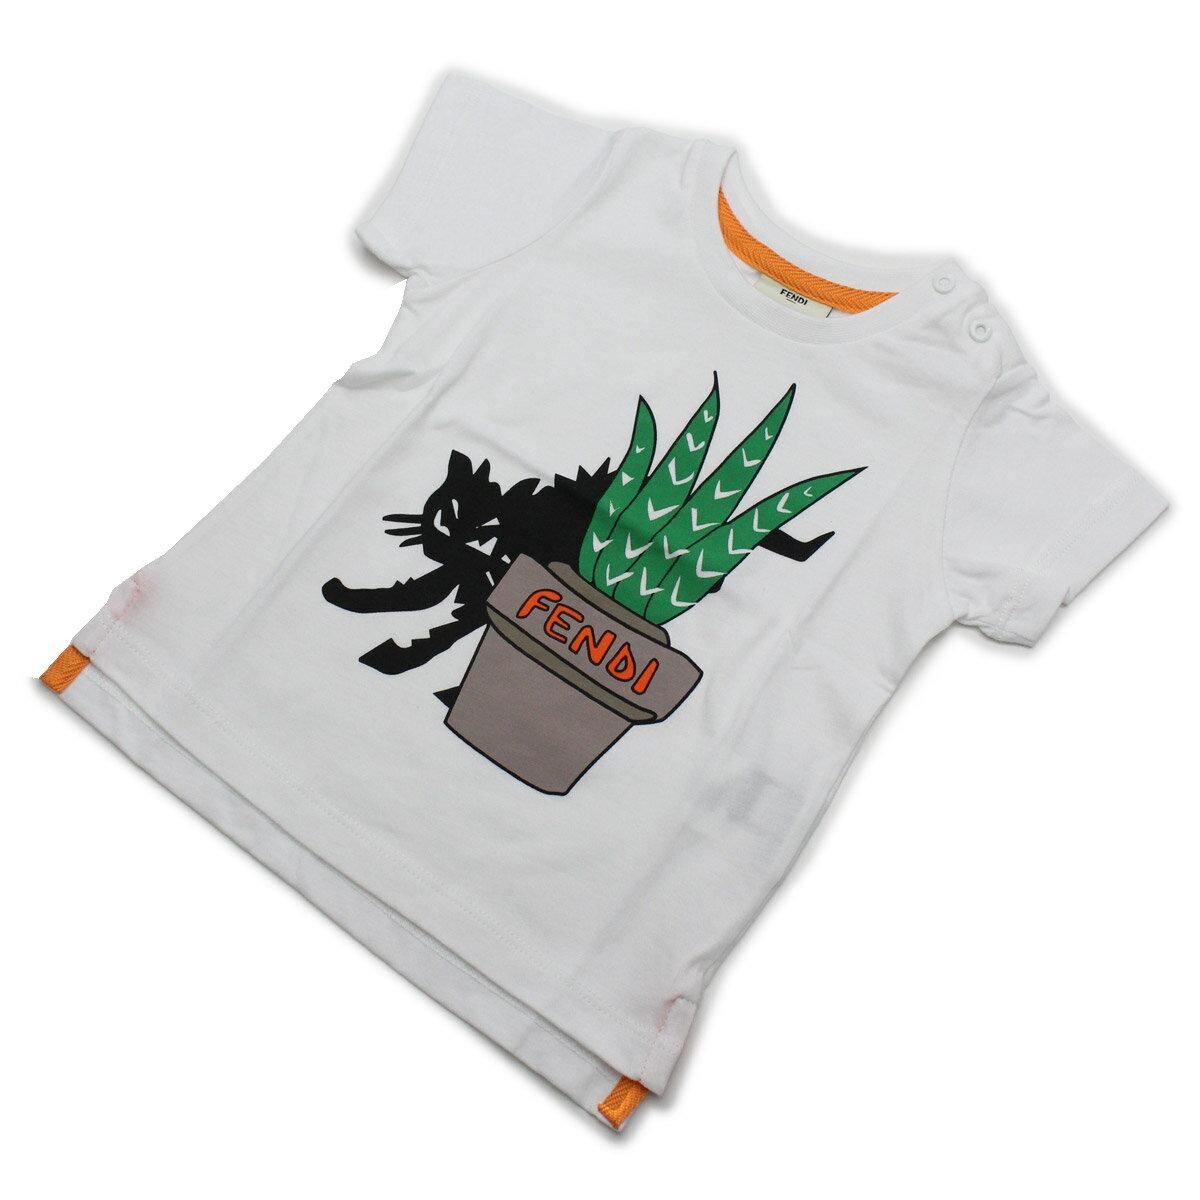 フェンディ (FENDI) ベビーTシャツ ベビー服 BMI061 7AJ F0QA0 ホワイト系【キッズ・ベビー】【男の子】